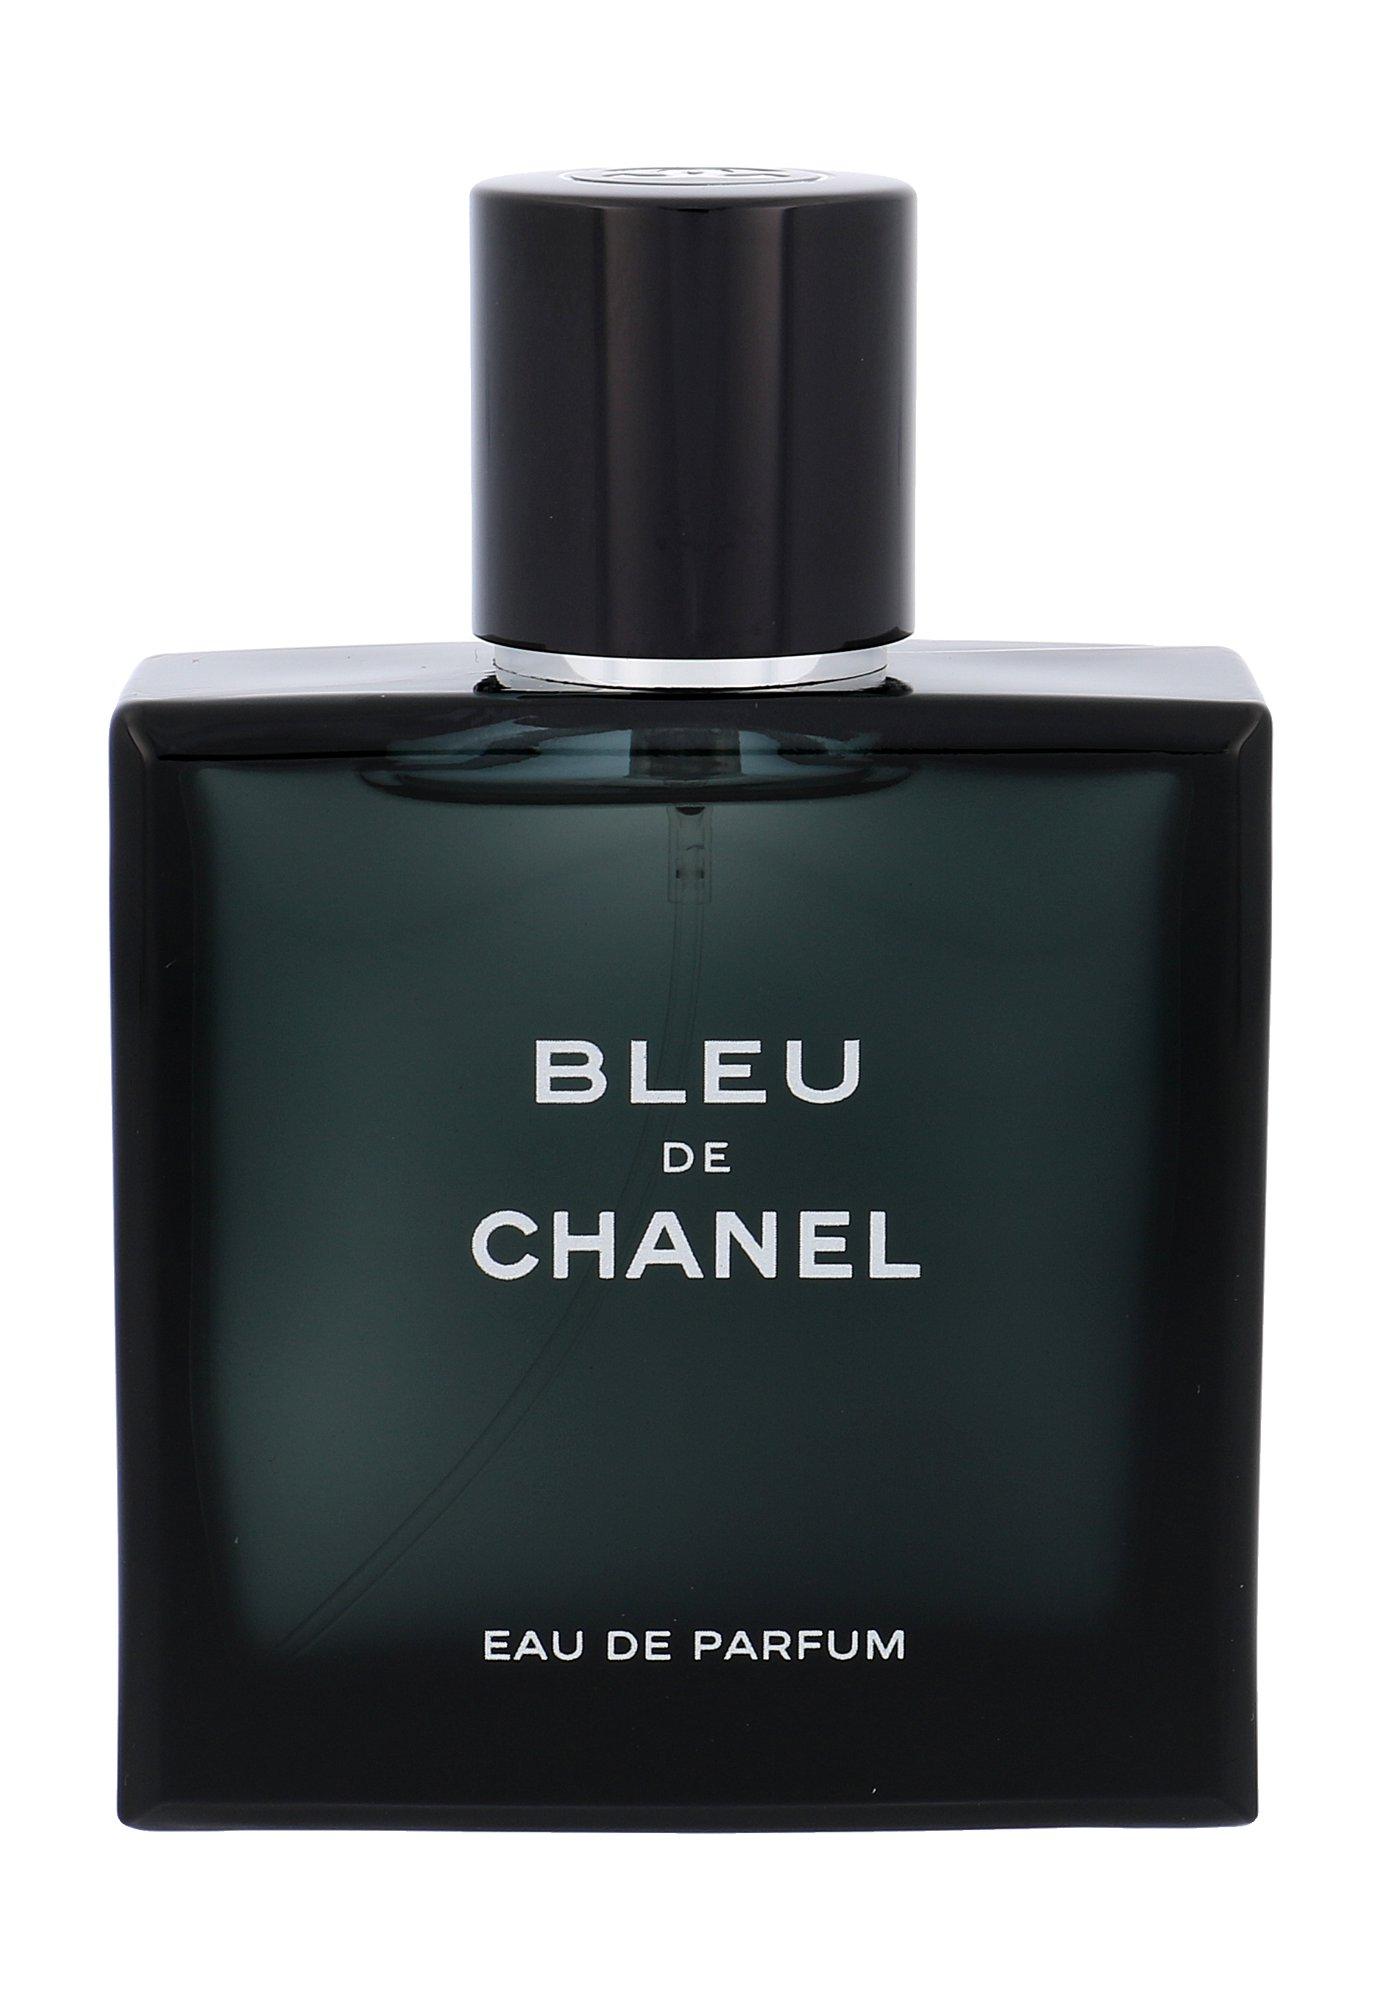 Chanel Bleu de Chanel EDP 50 ml M